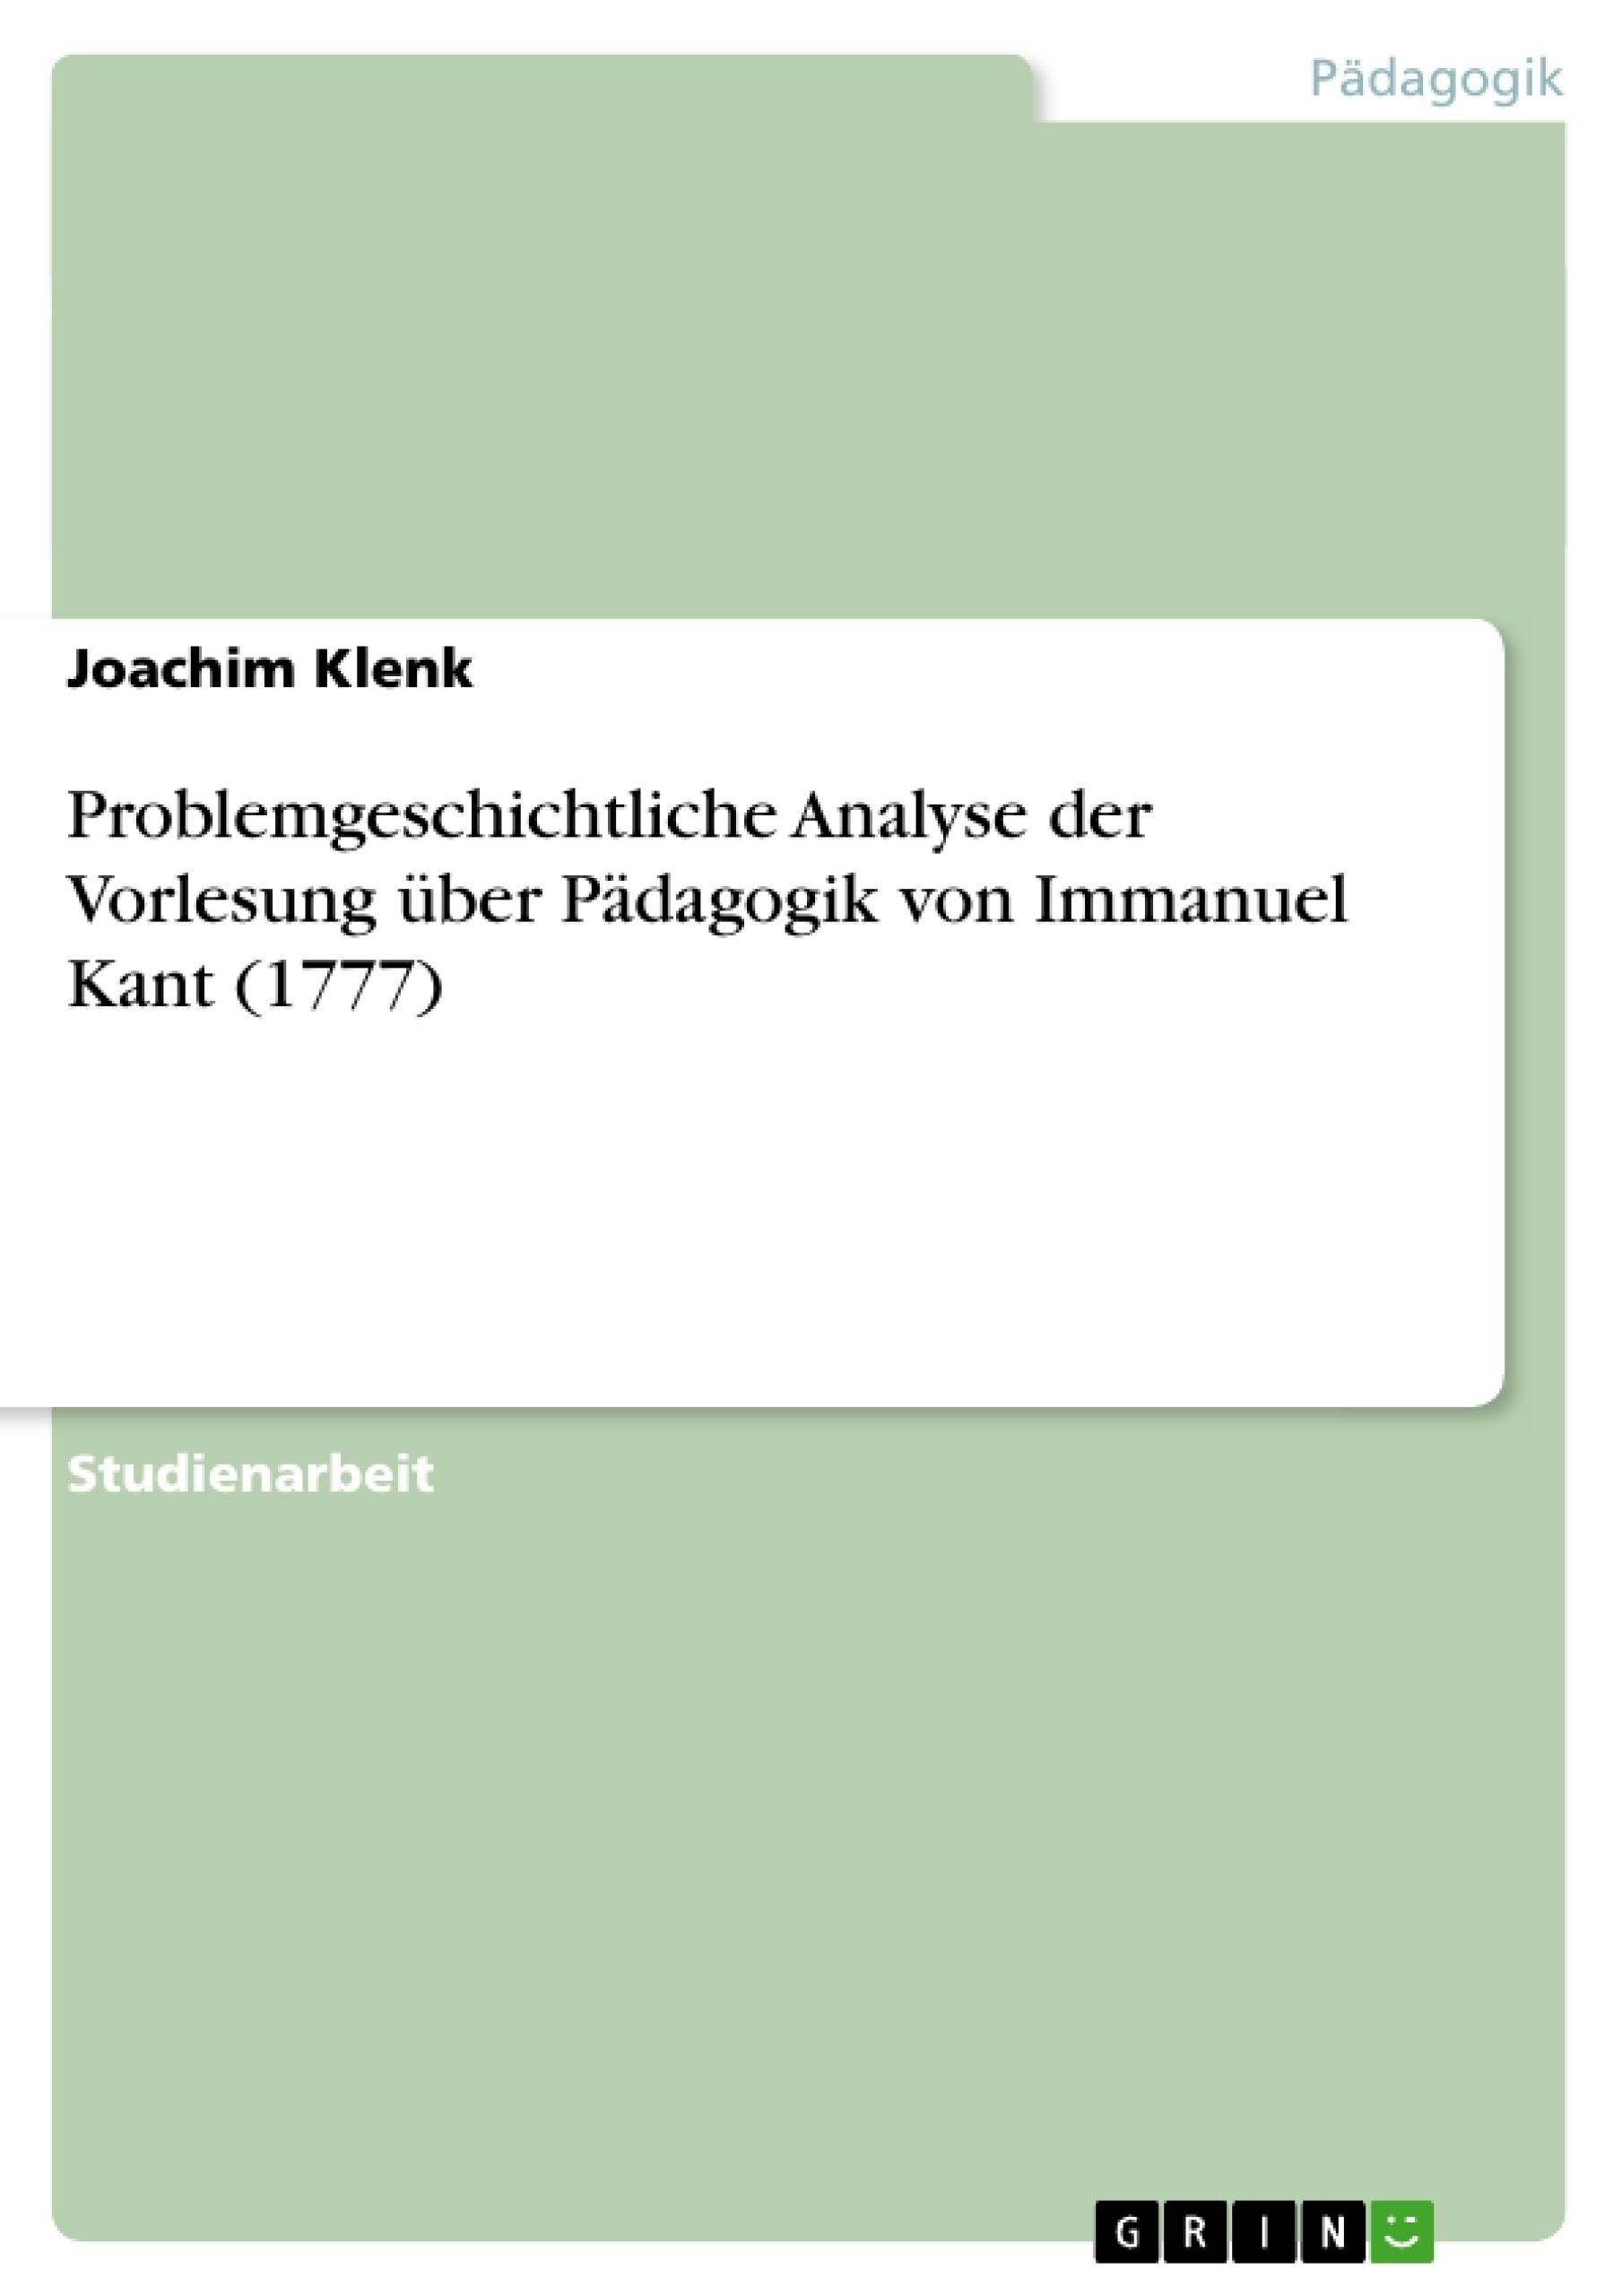 Titel: Problemgeschichtliche Analyse der Vorlesung über Pädagogik von Immanuel Kant (1777)